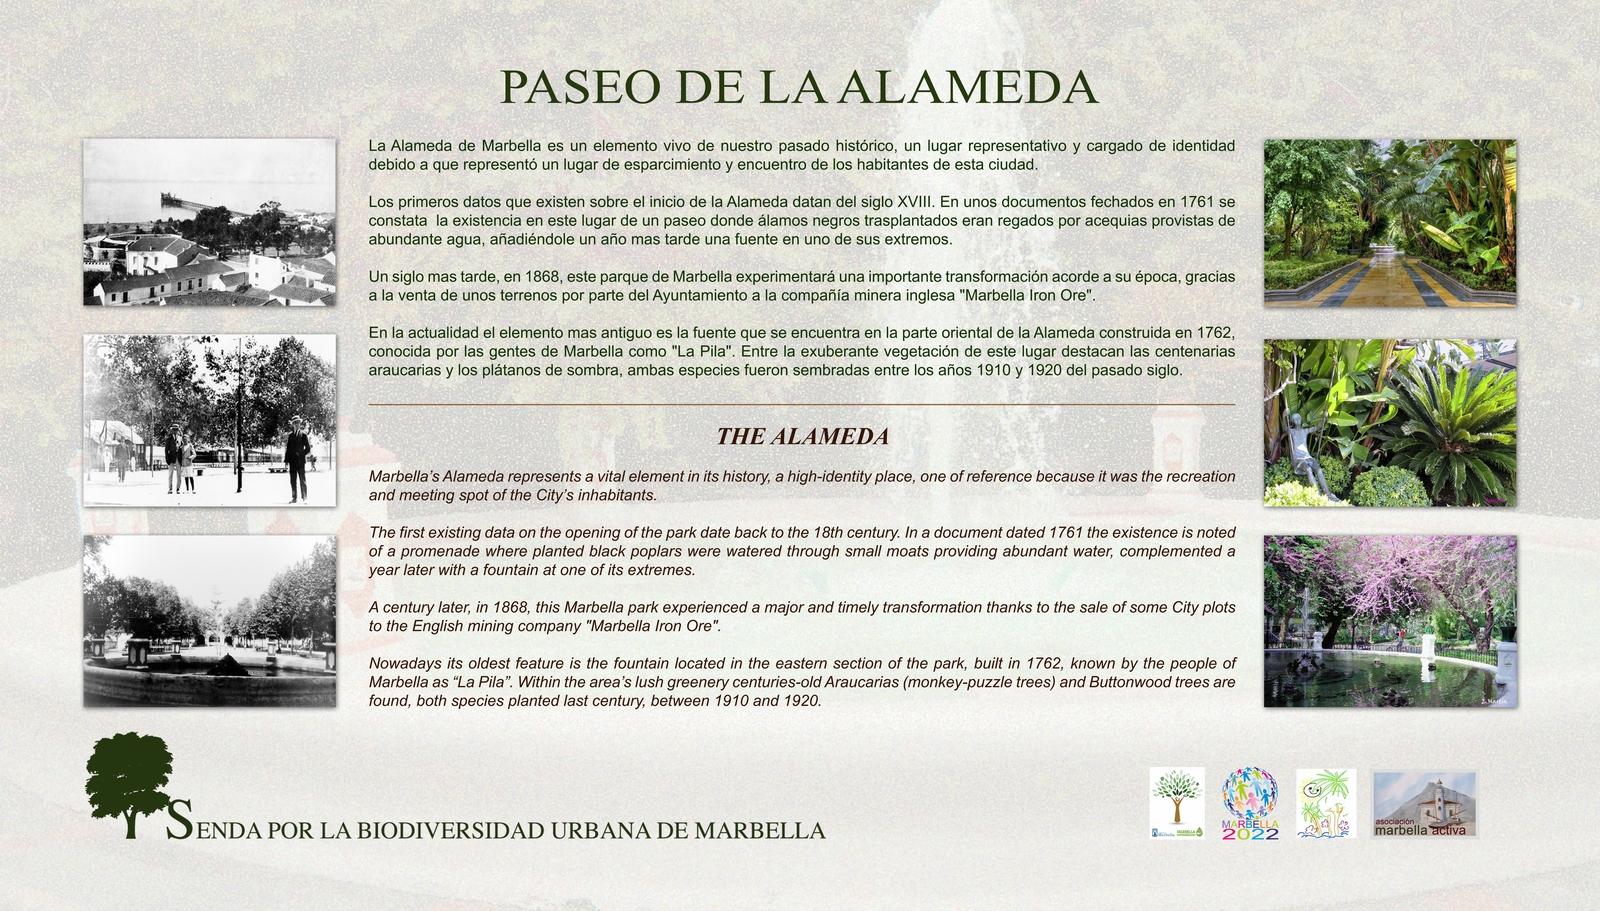 1.1-paseo-de-la-alameda-low